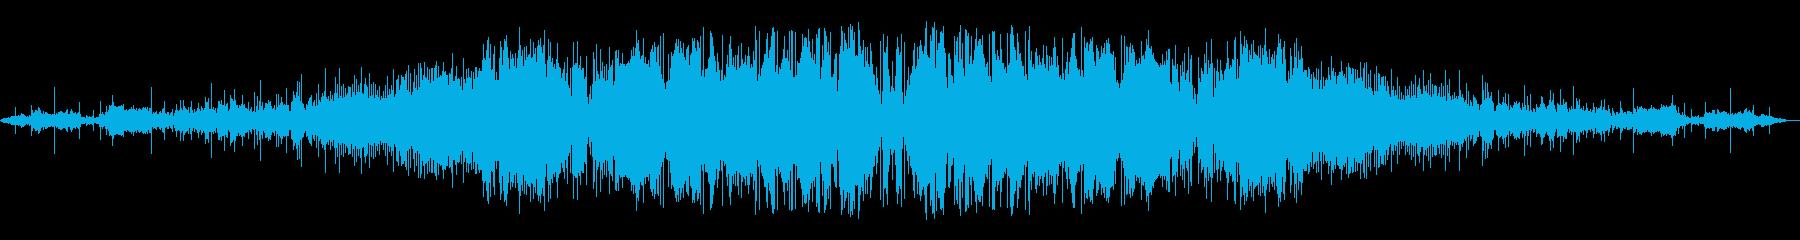 長いタービンハム:巻き上げ、実行、...の再生済みの波形